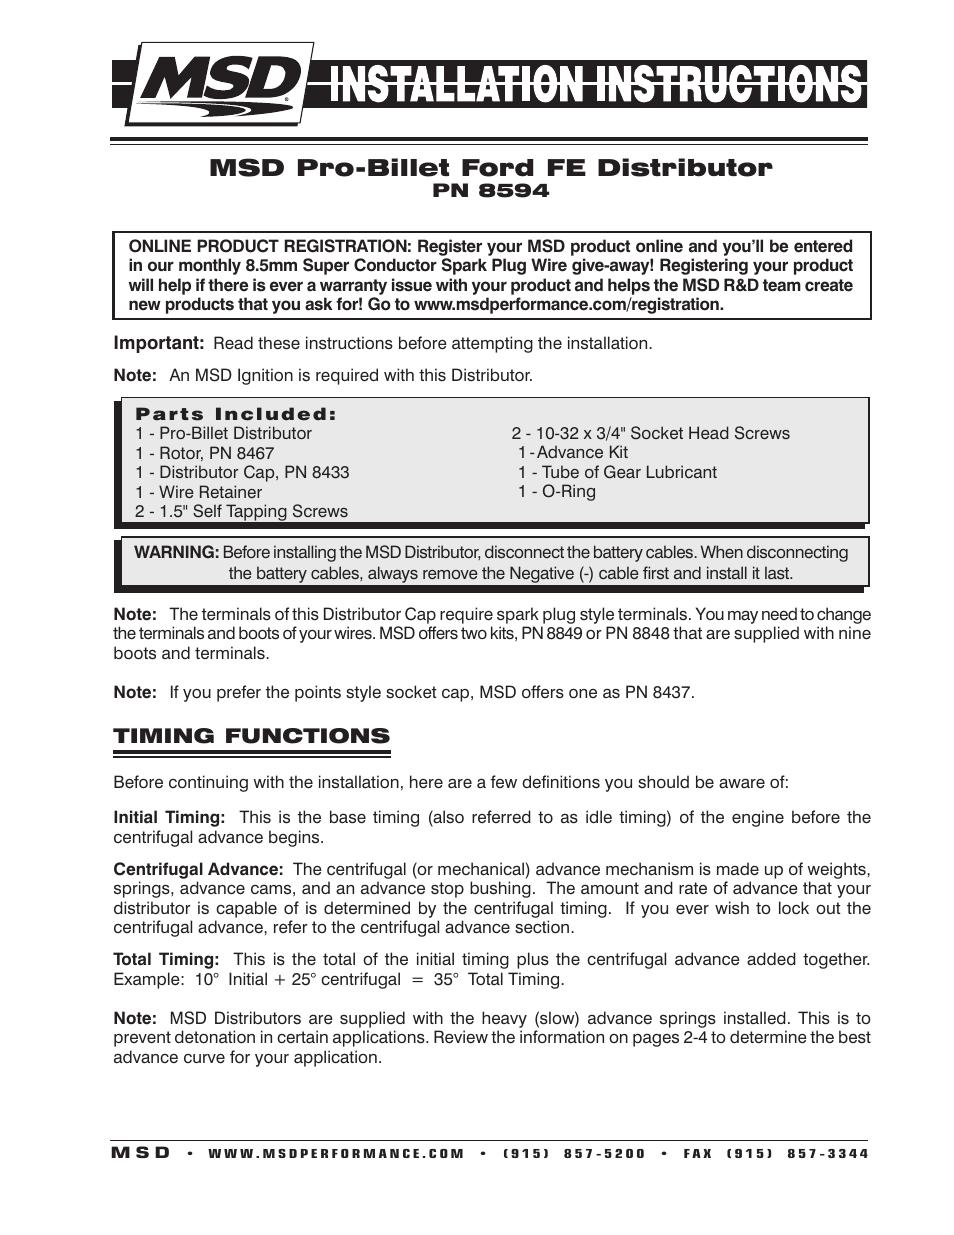 MSD 8594 Ford FE Pro-Billet Distributor Installation User